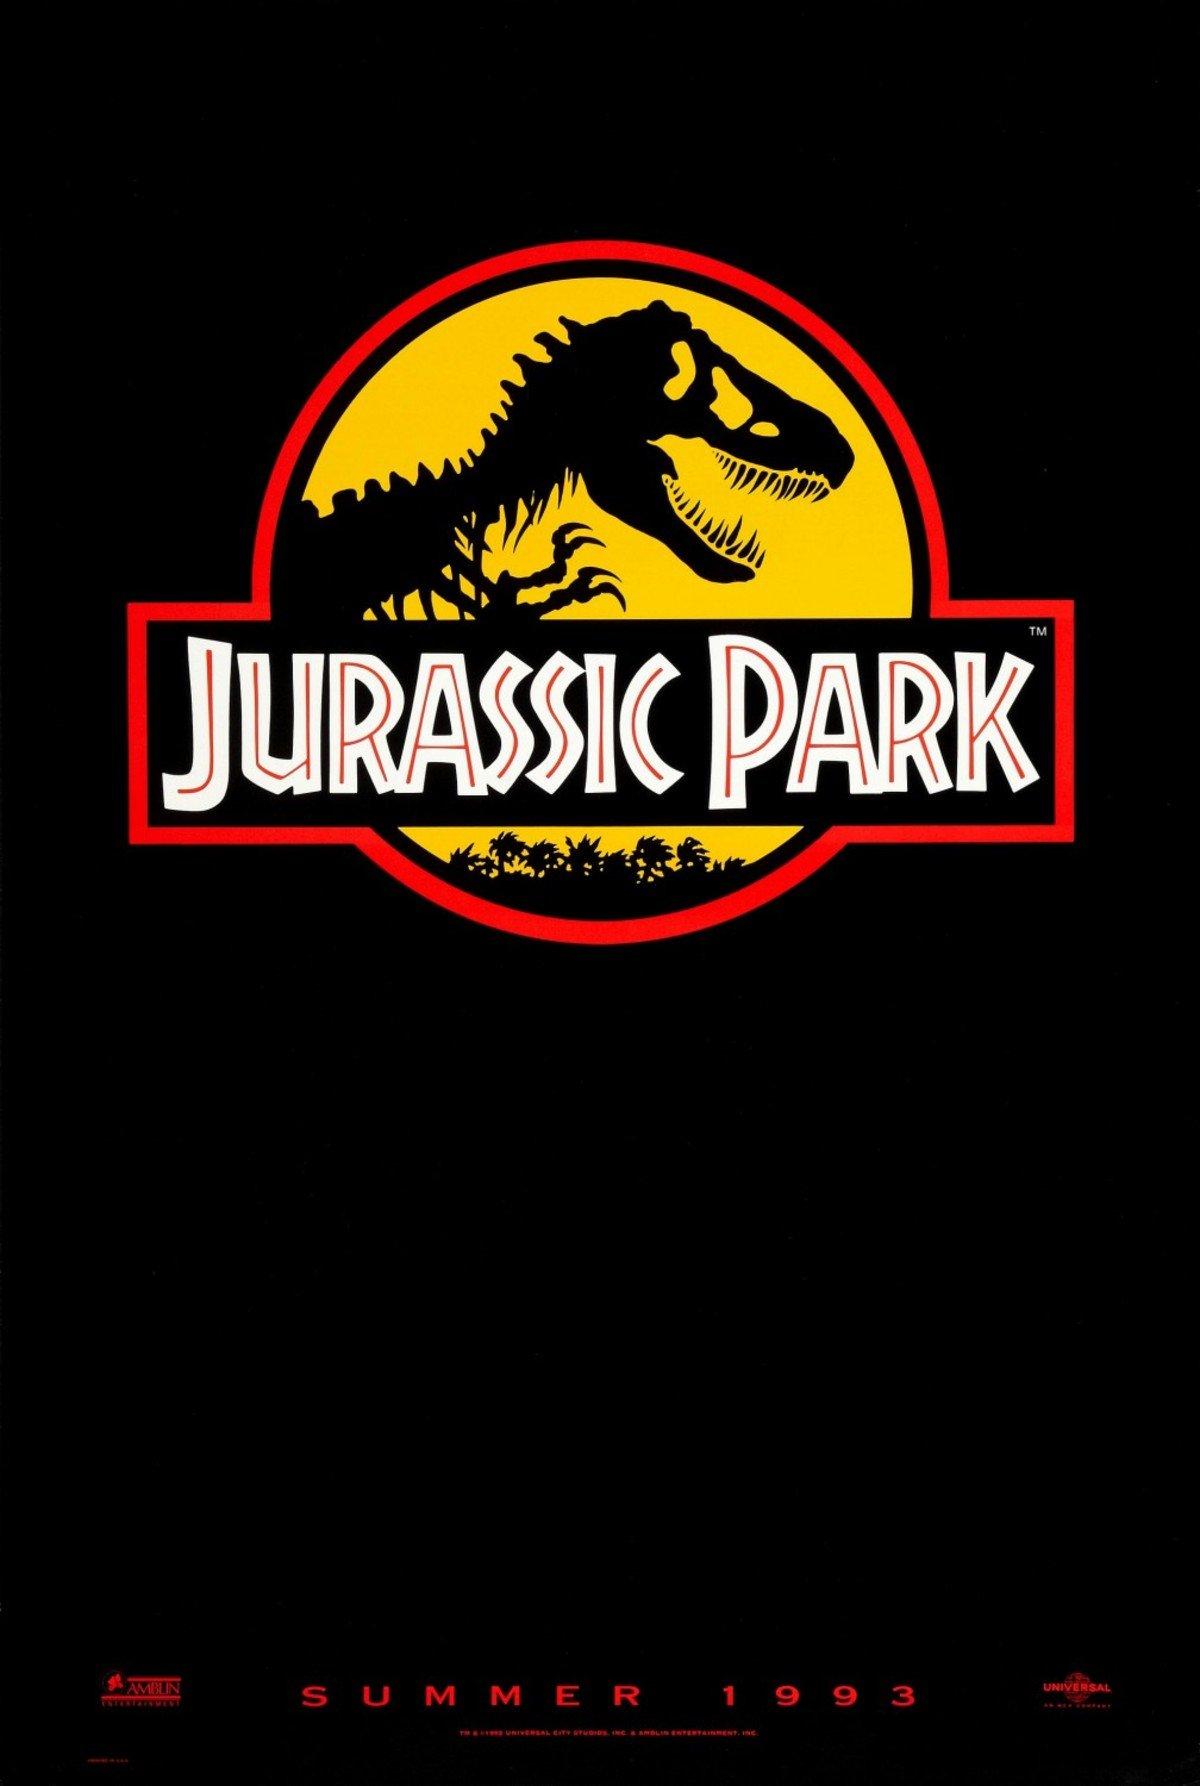 Jurassic Park 1993 teaser trailer